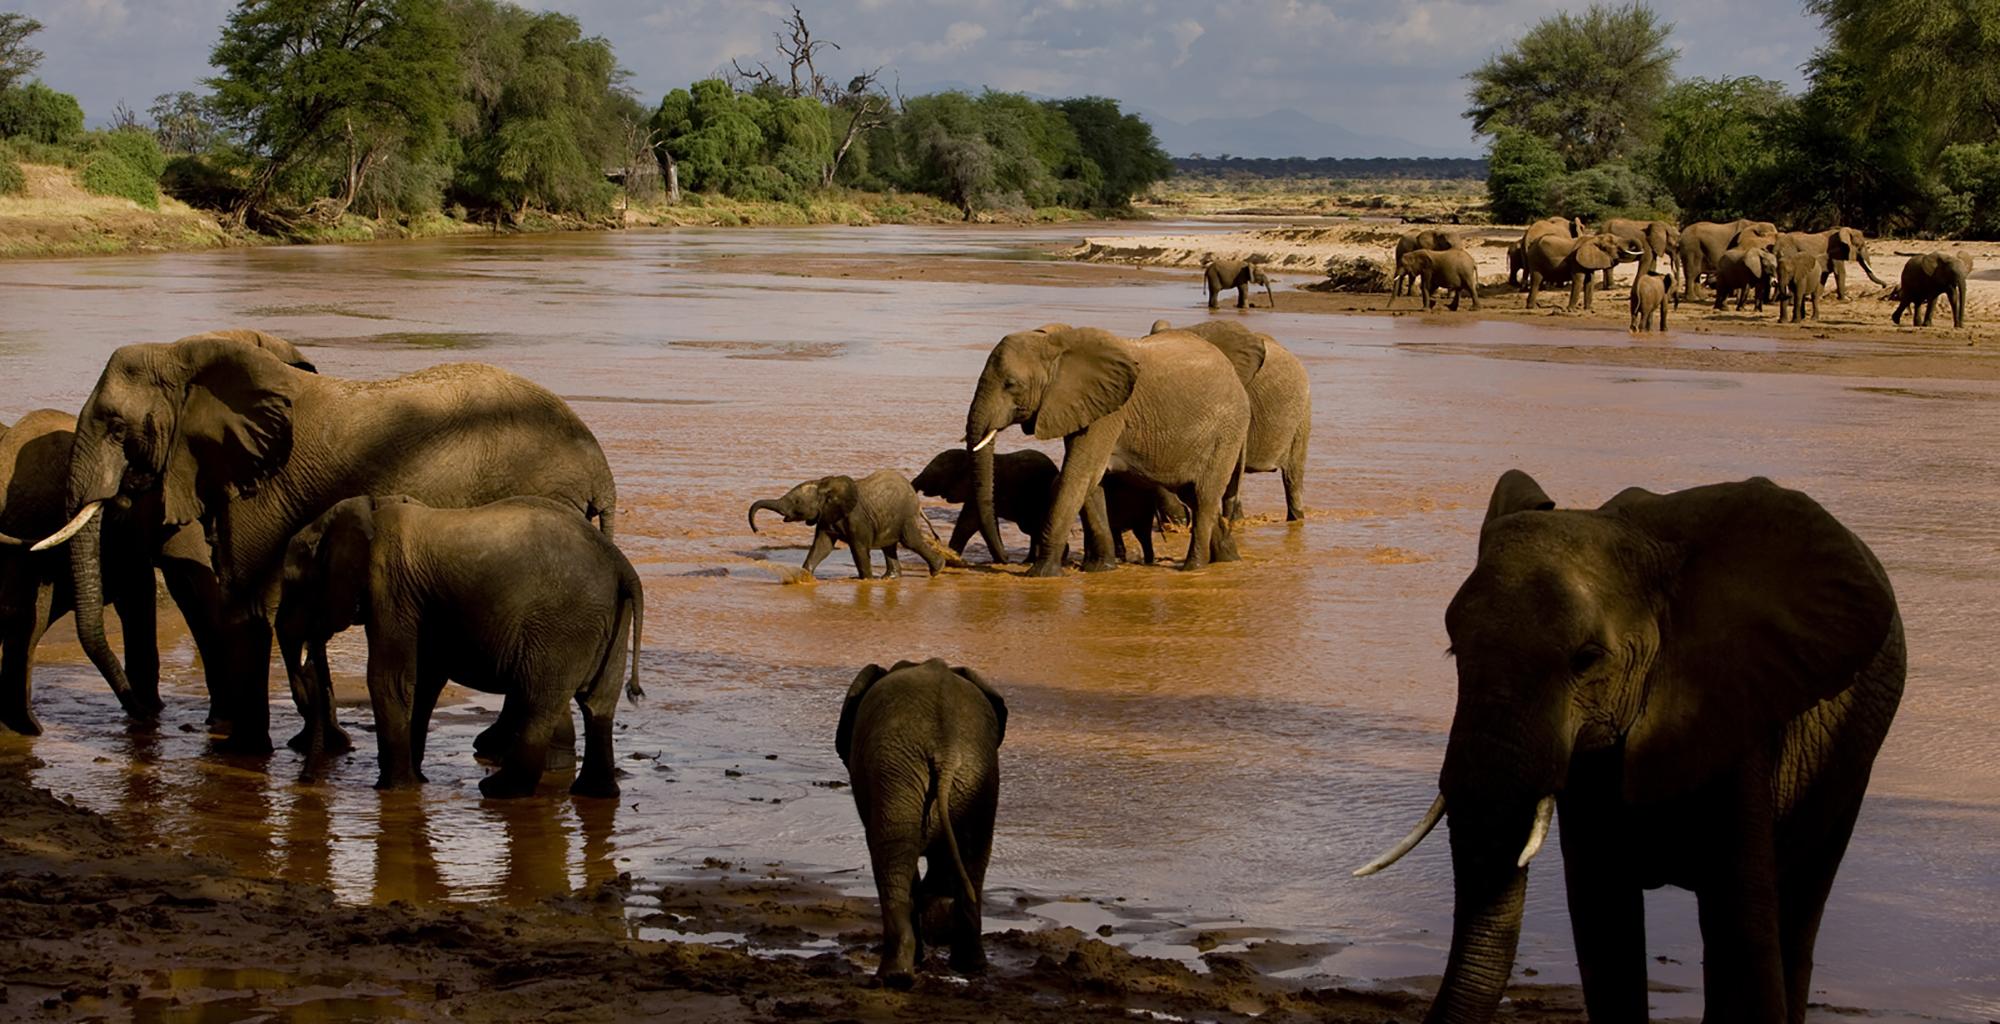 Kenya-Elephant-Watch-Elephants